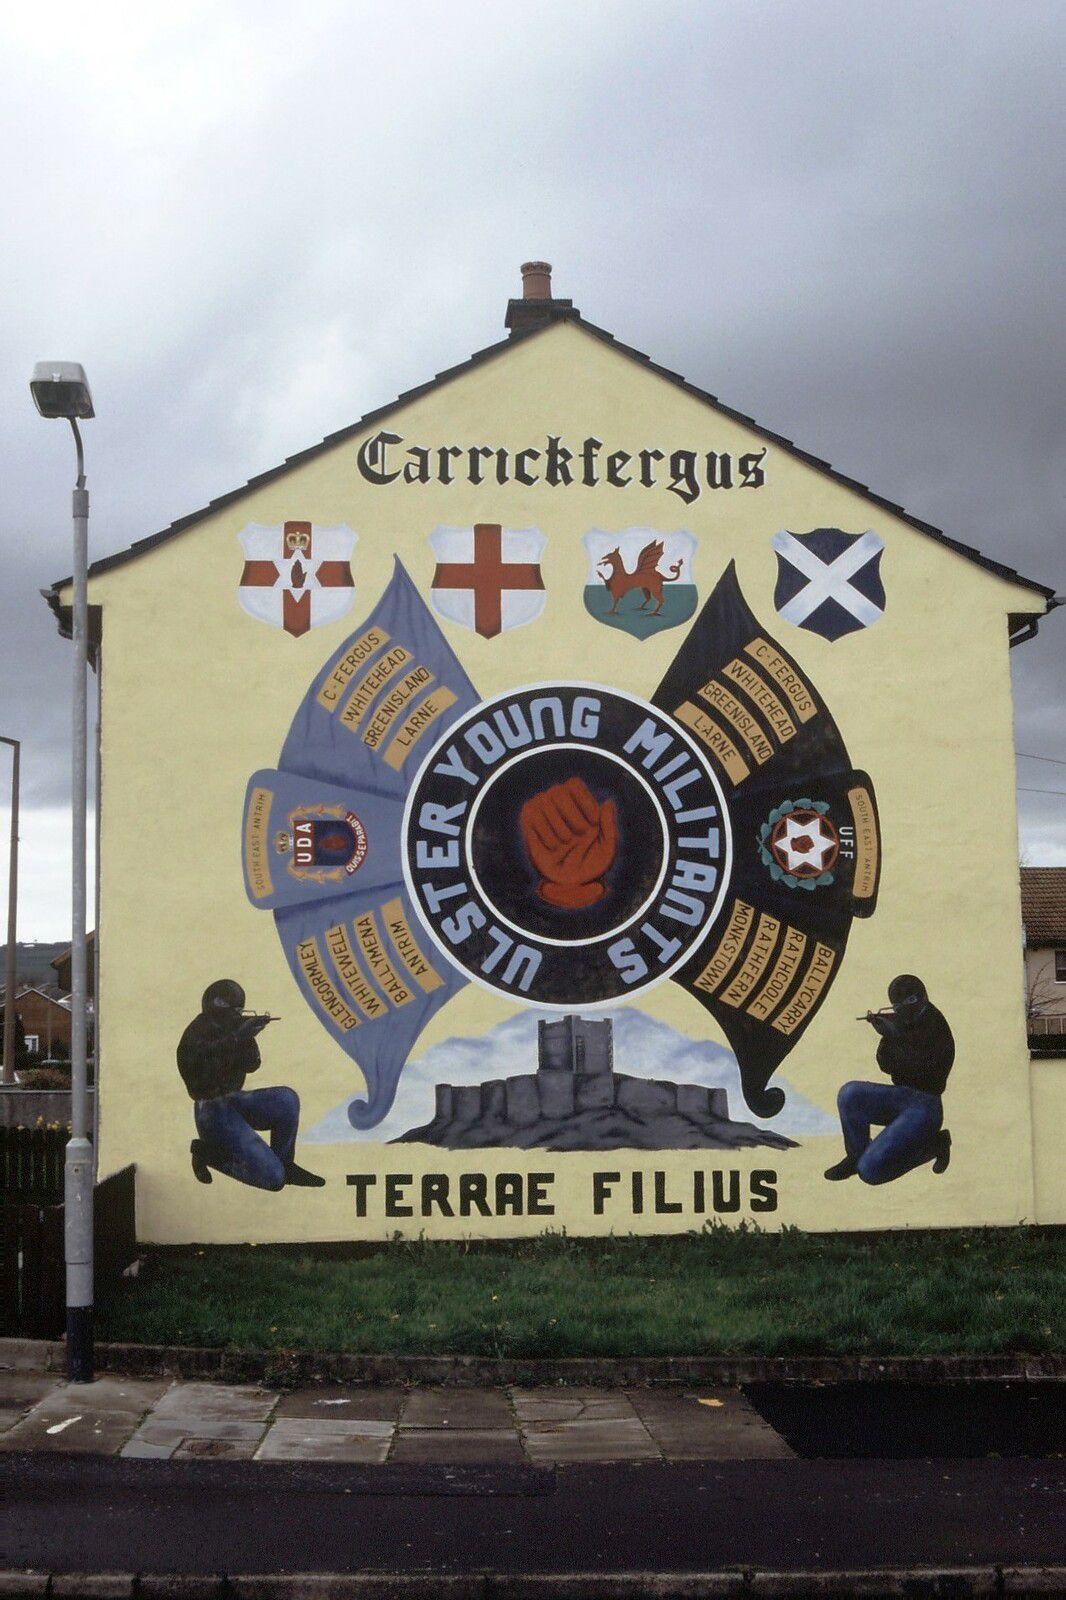 853) Woodburn area, Carrickfergus